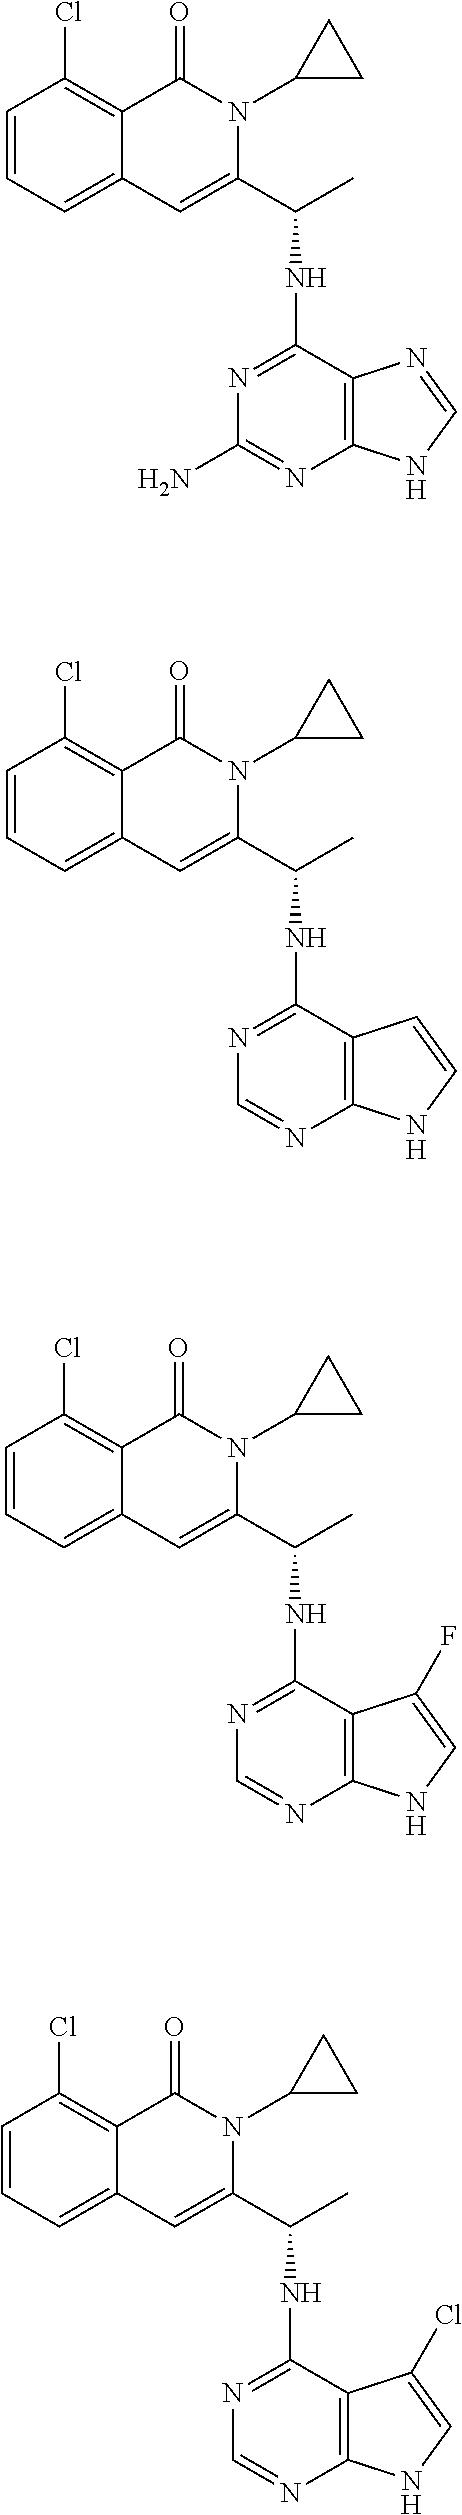 Figure US09216982-20151222-C00292